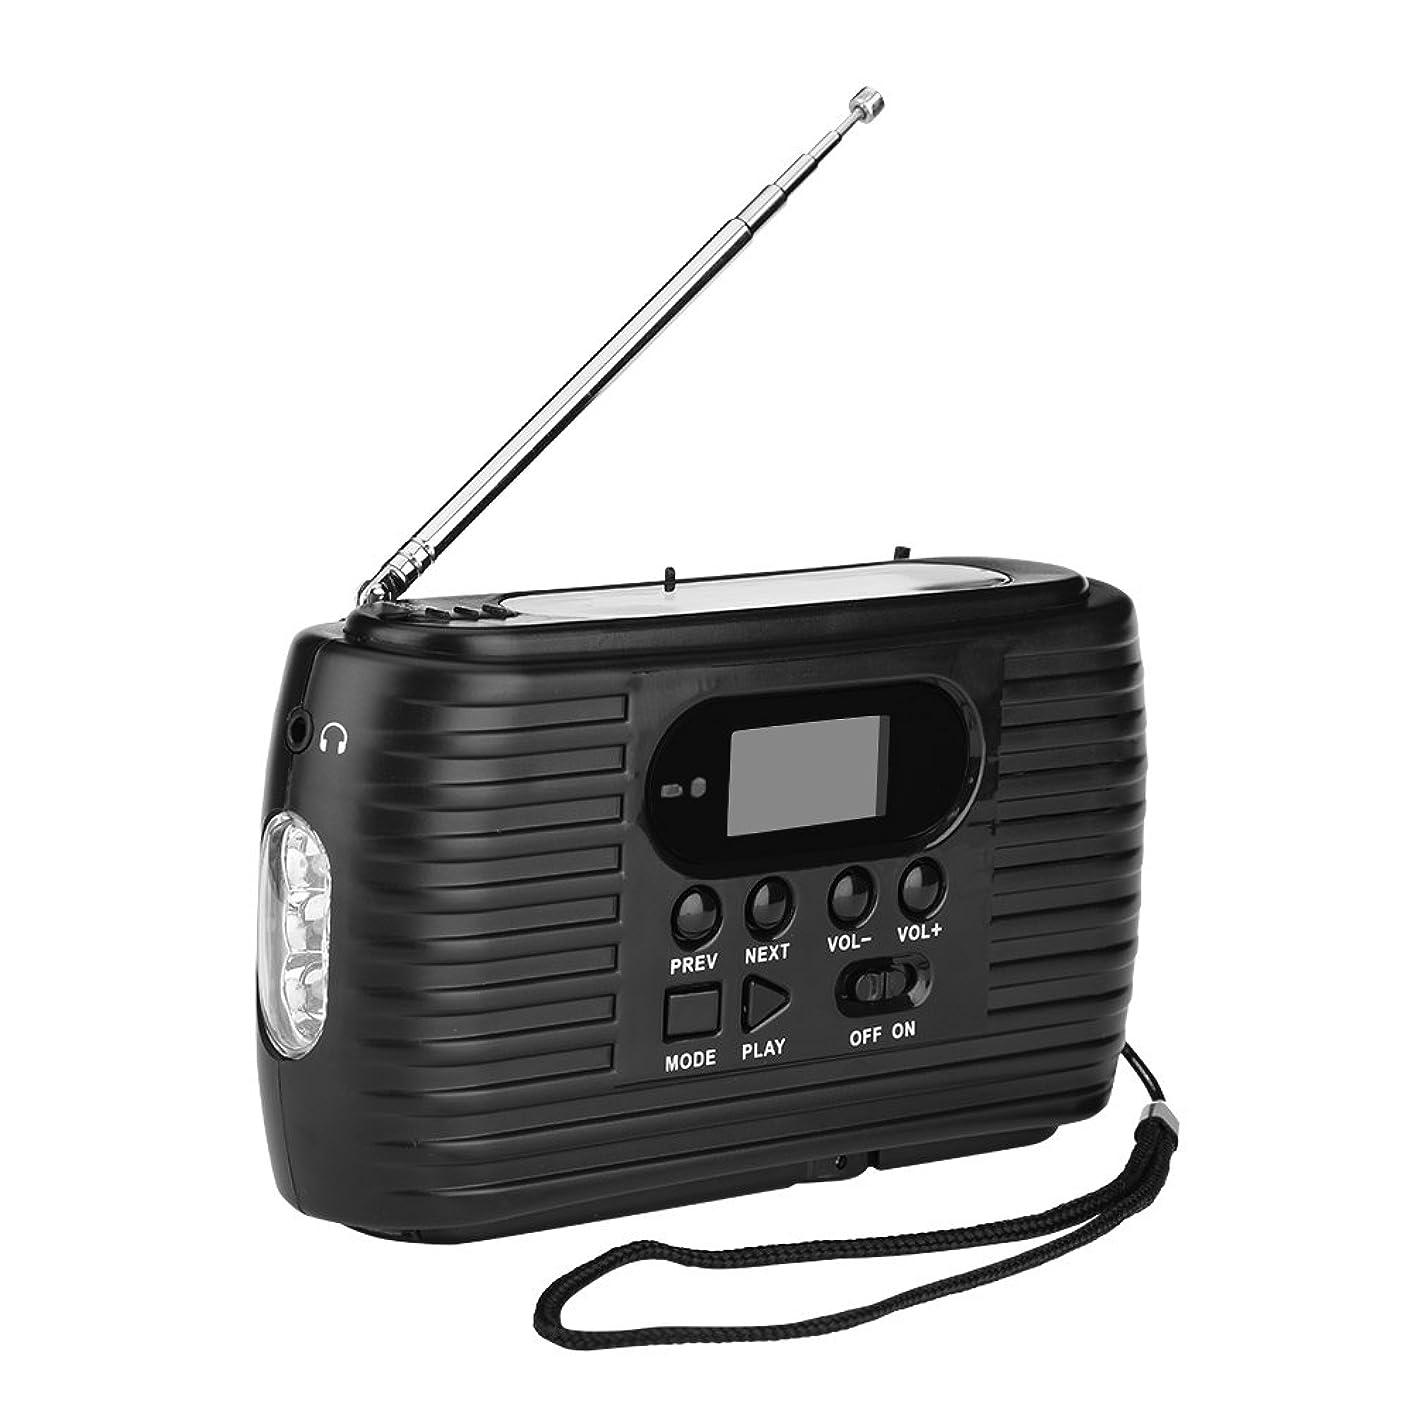 糞シェーバー台無しにFosa ポータブルハンドクランクパワー&ソーラーラジオ 緊急電源 AM/FMラジオ MP3音楽プレーヤー 外部電源充電、携帯電話充電サポート 多機能ラジオ(ブラック)